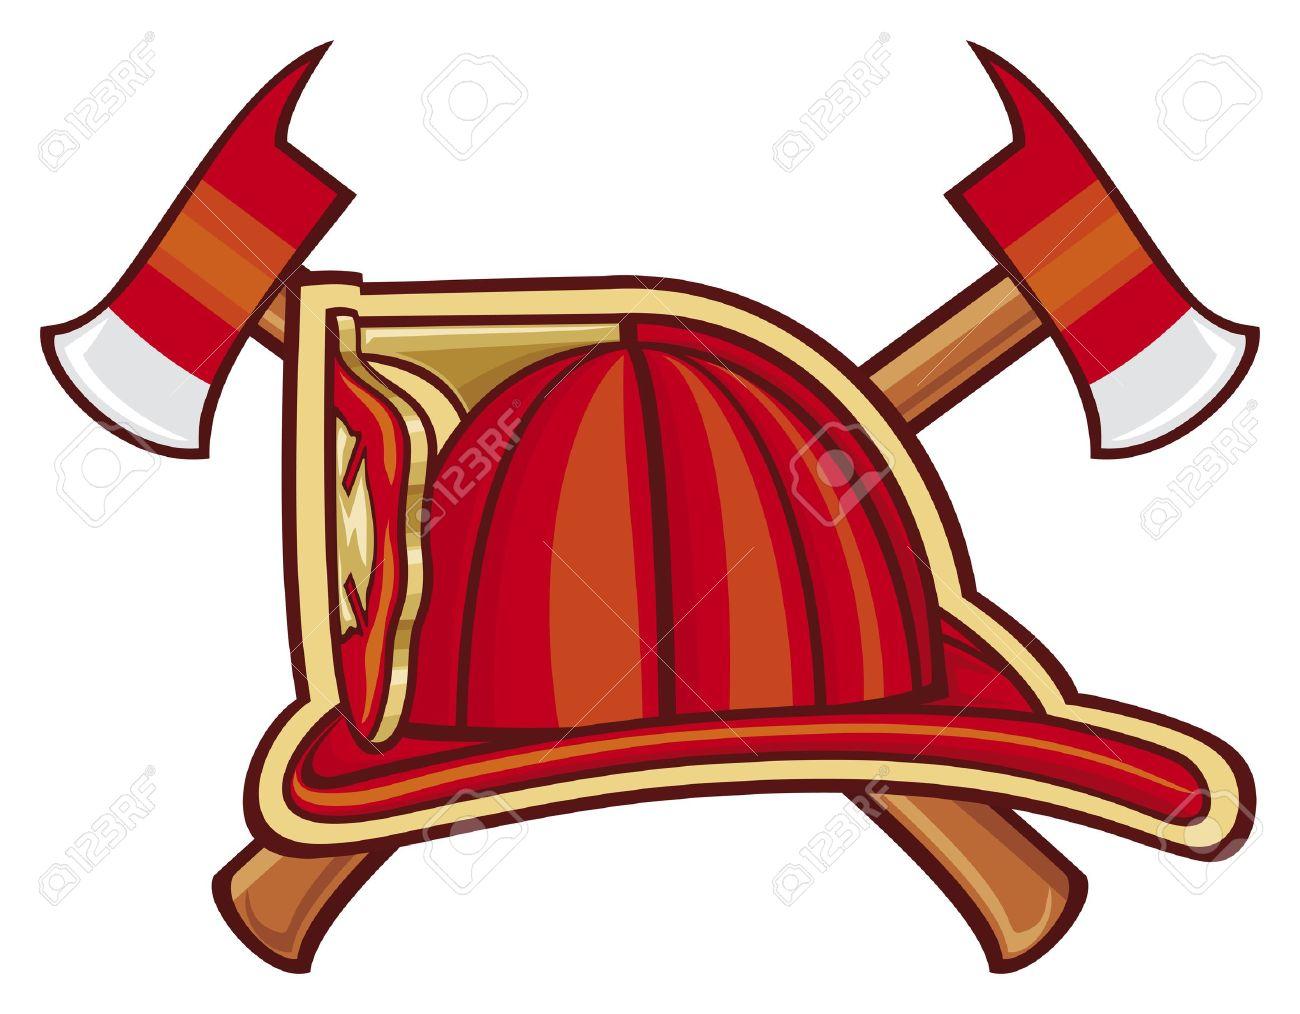 Volunteer Firefighter Emblem or Firefighters Symbol